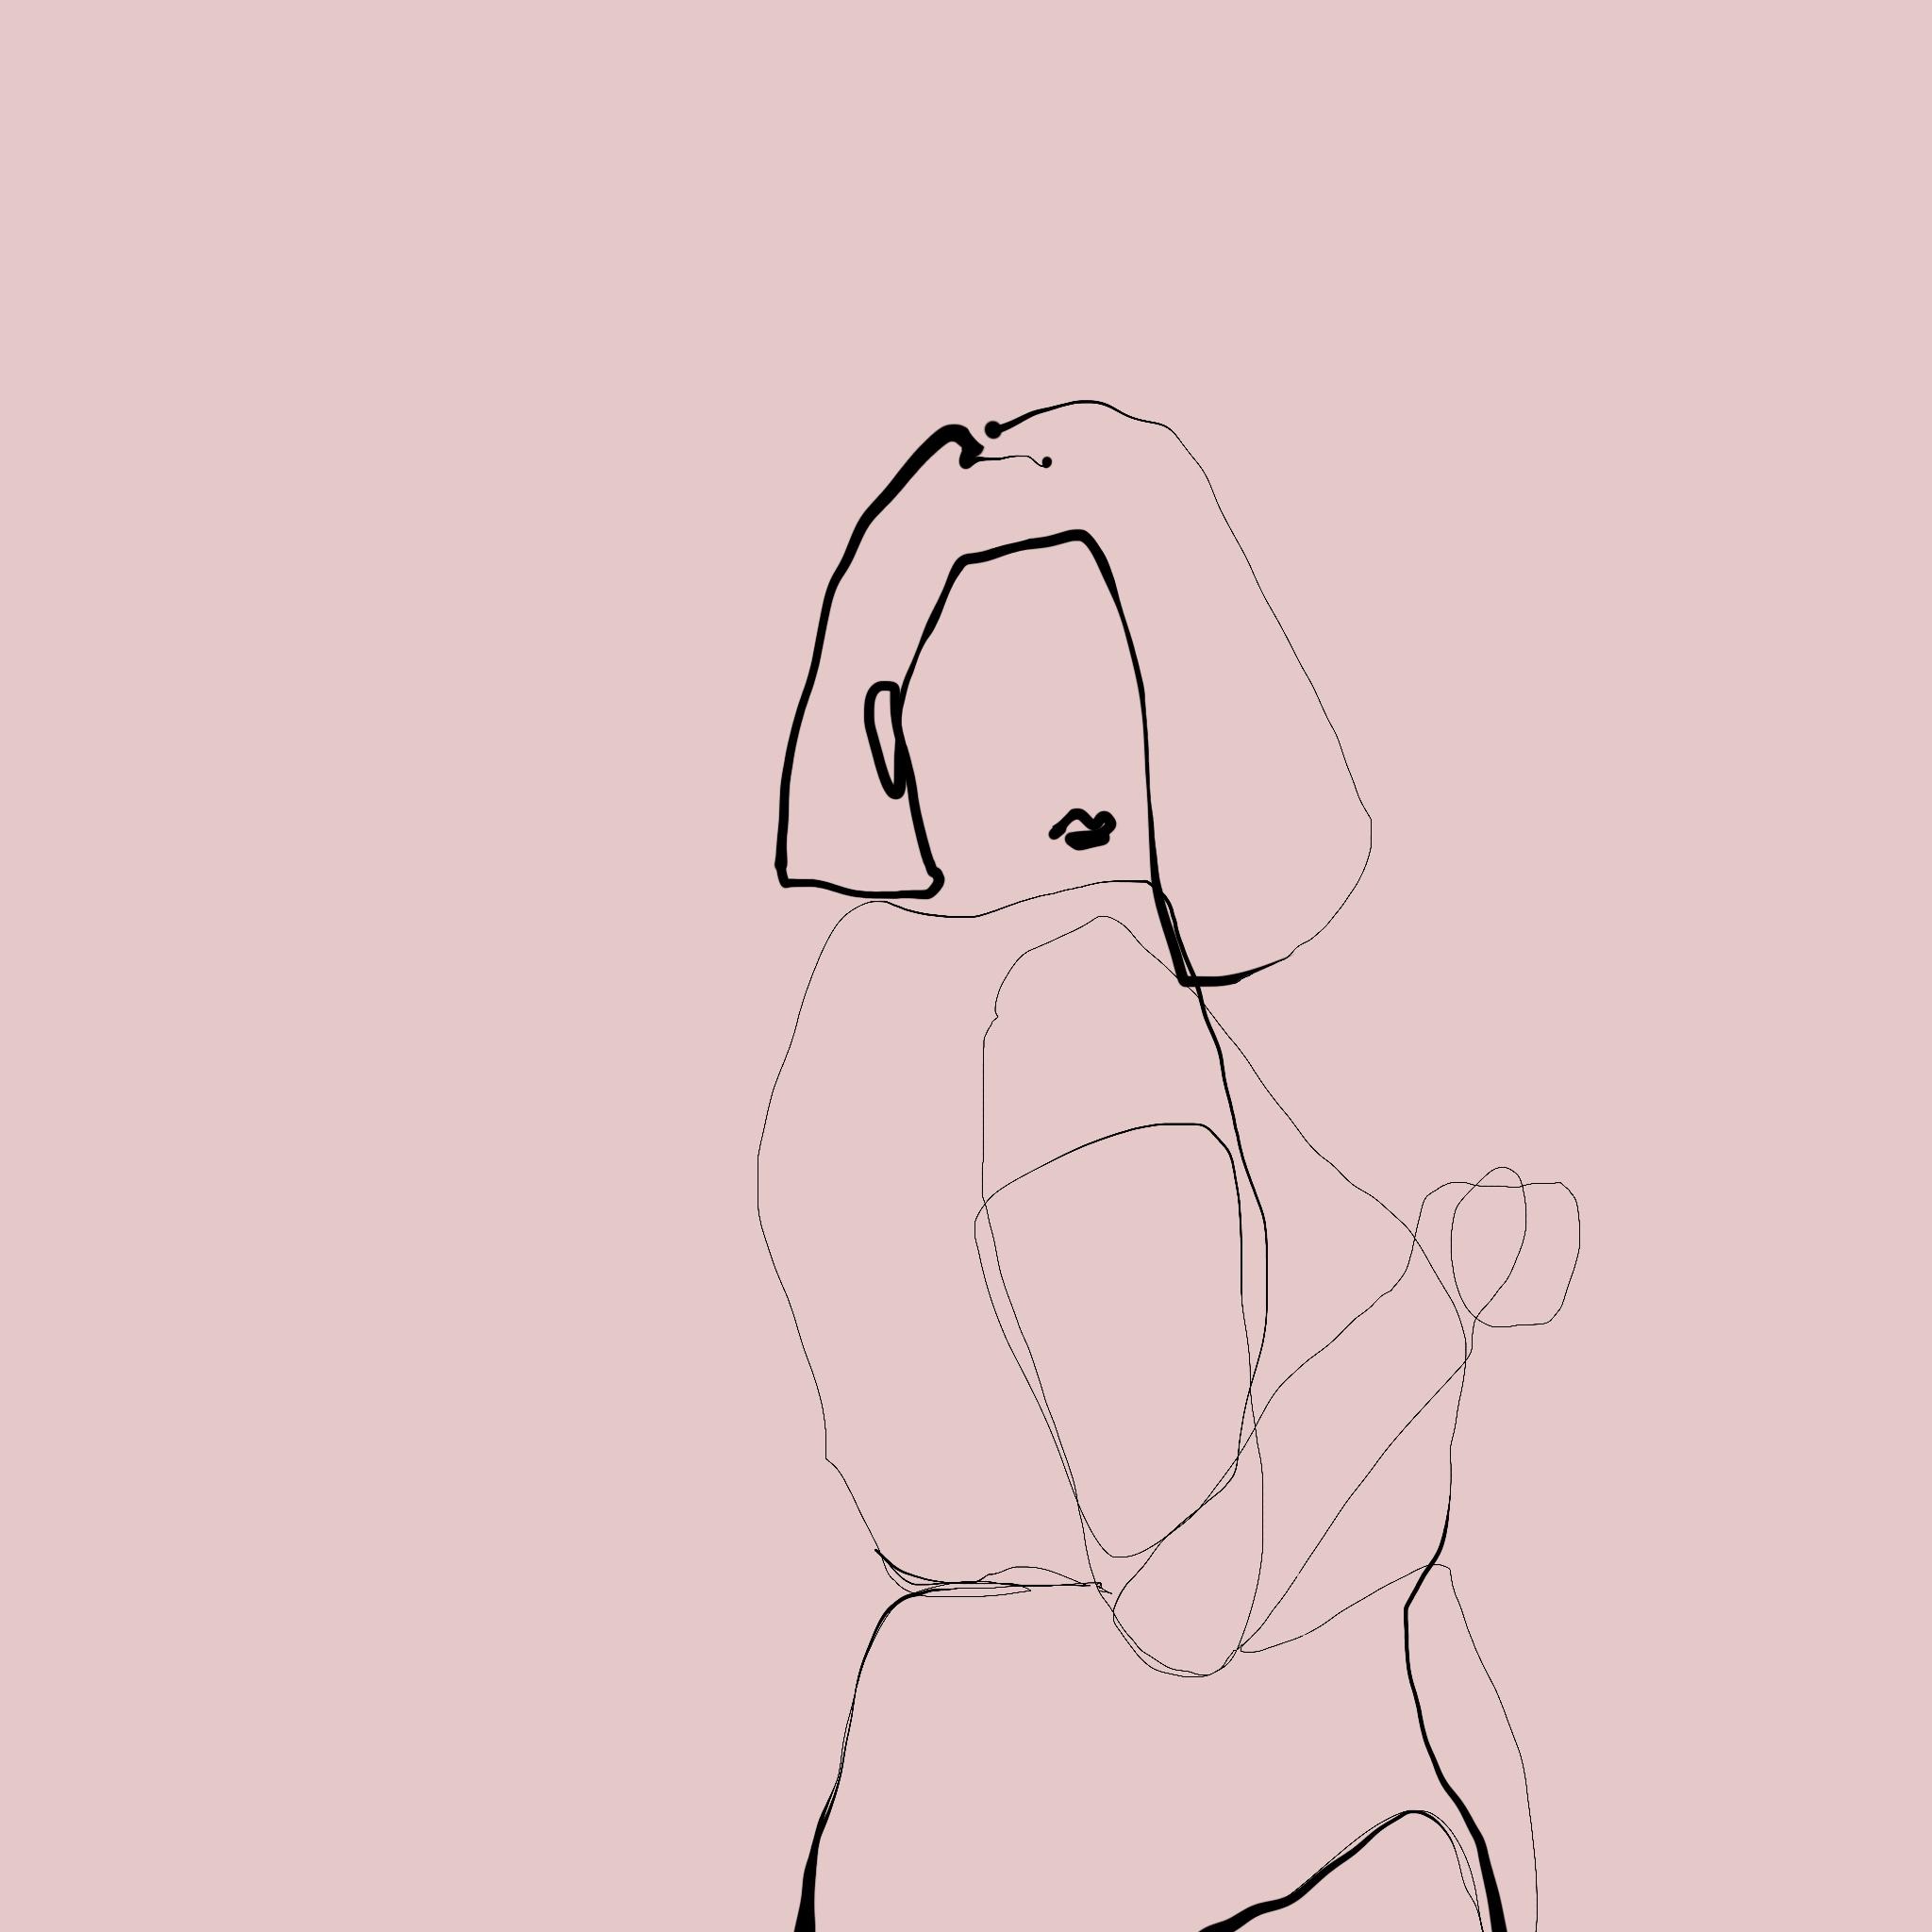 Filigrane one line illustration einer nakten Frau, die mit dem Rücken zum Betrachter steht und über ihre rechte Schulter blickt.